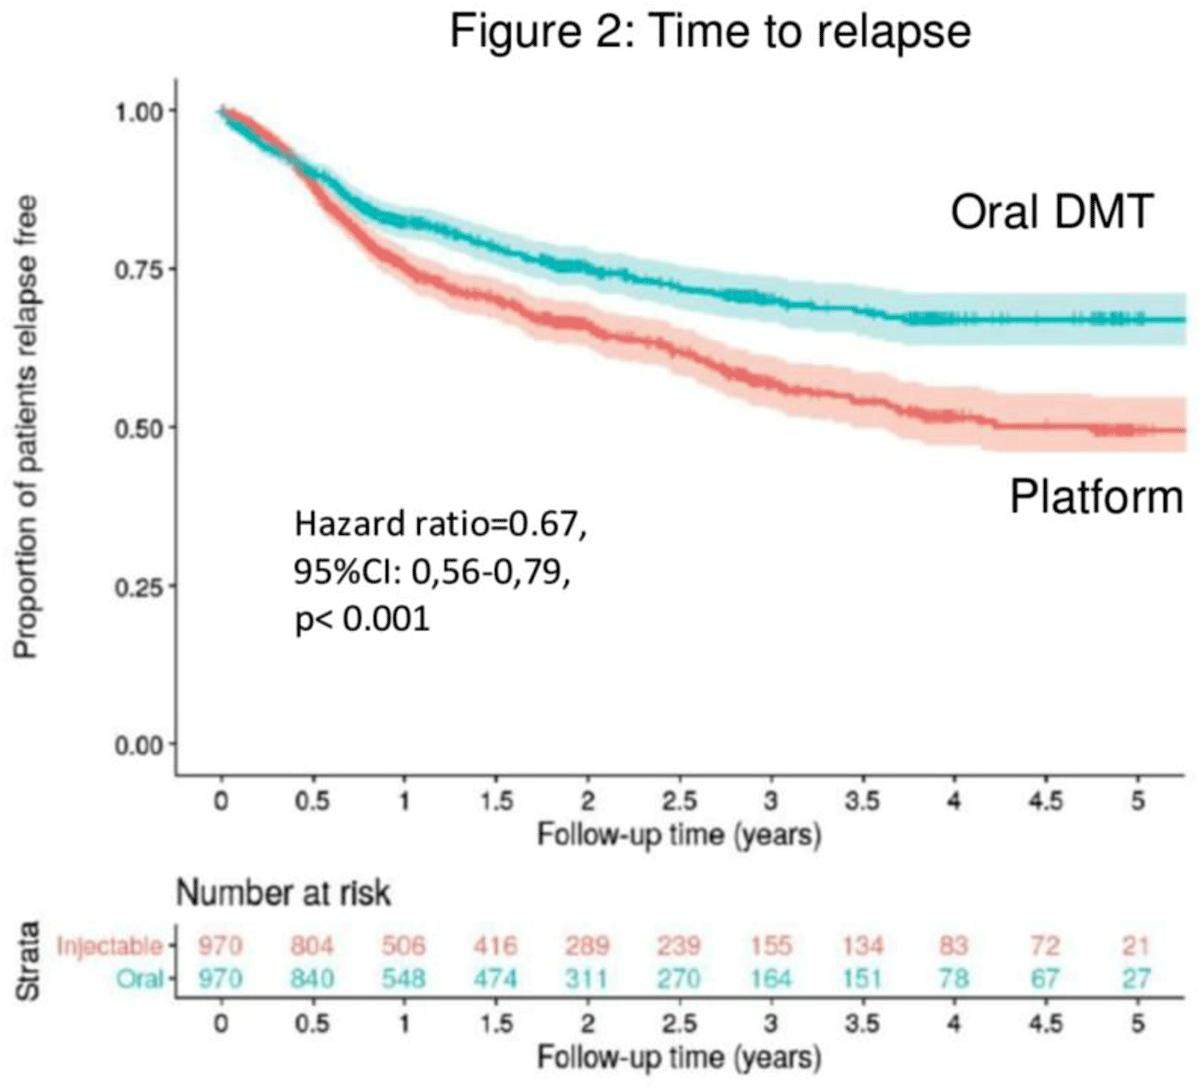 oral dmds vs platform injectables multiple sclerosis 02 - Рассеянный склероз: пероральные ПИТРС против интерферона и «Копаксона»